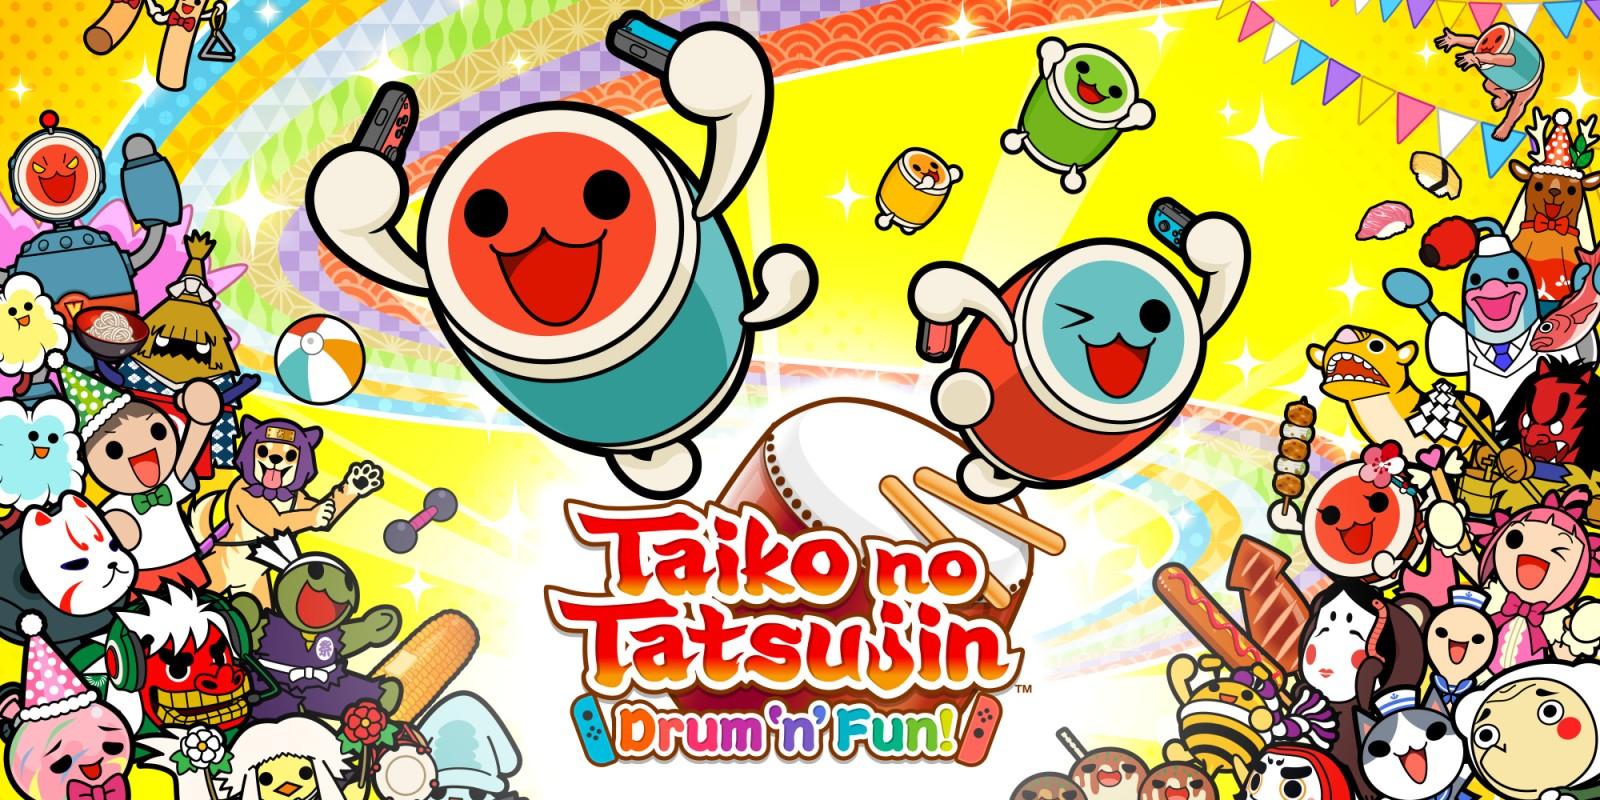 [Switch] Taiko no Tatsujin: Drum 'n' Fun! ganhará DLC com músicas de Pokémon